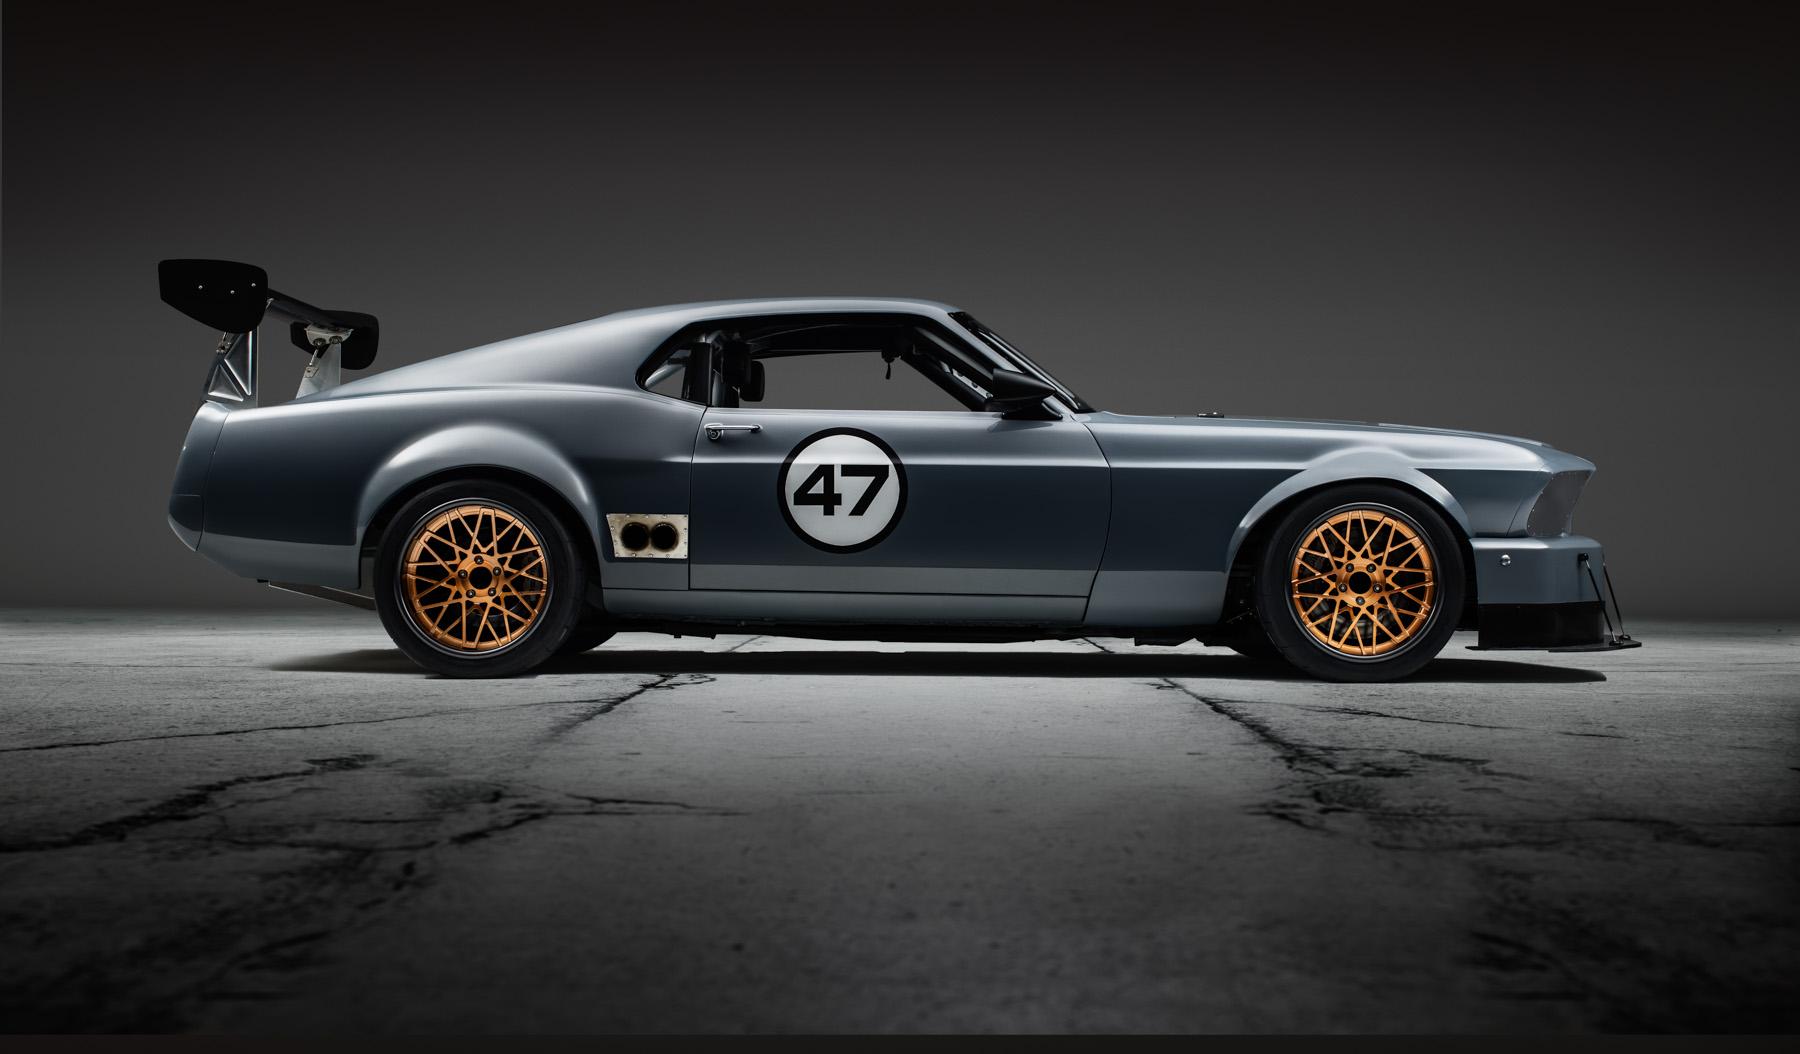 S_WheelsPros_150824_Mustang_floor.jpg